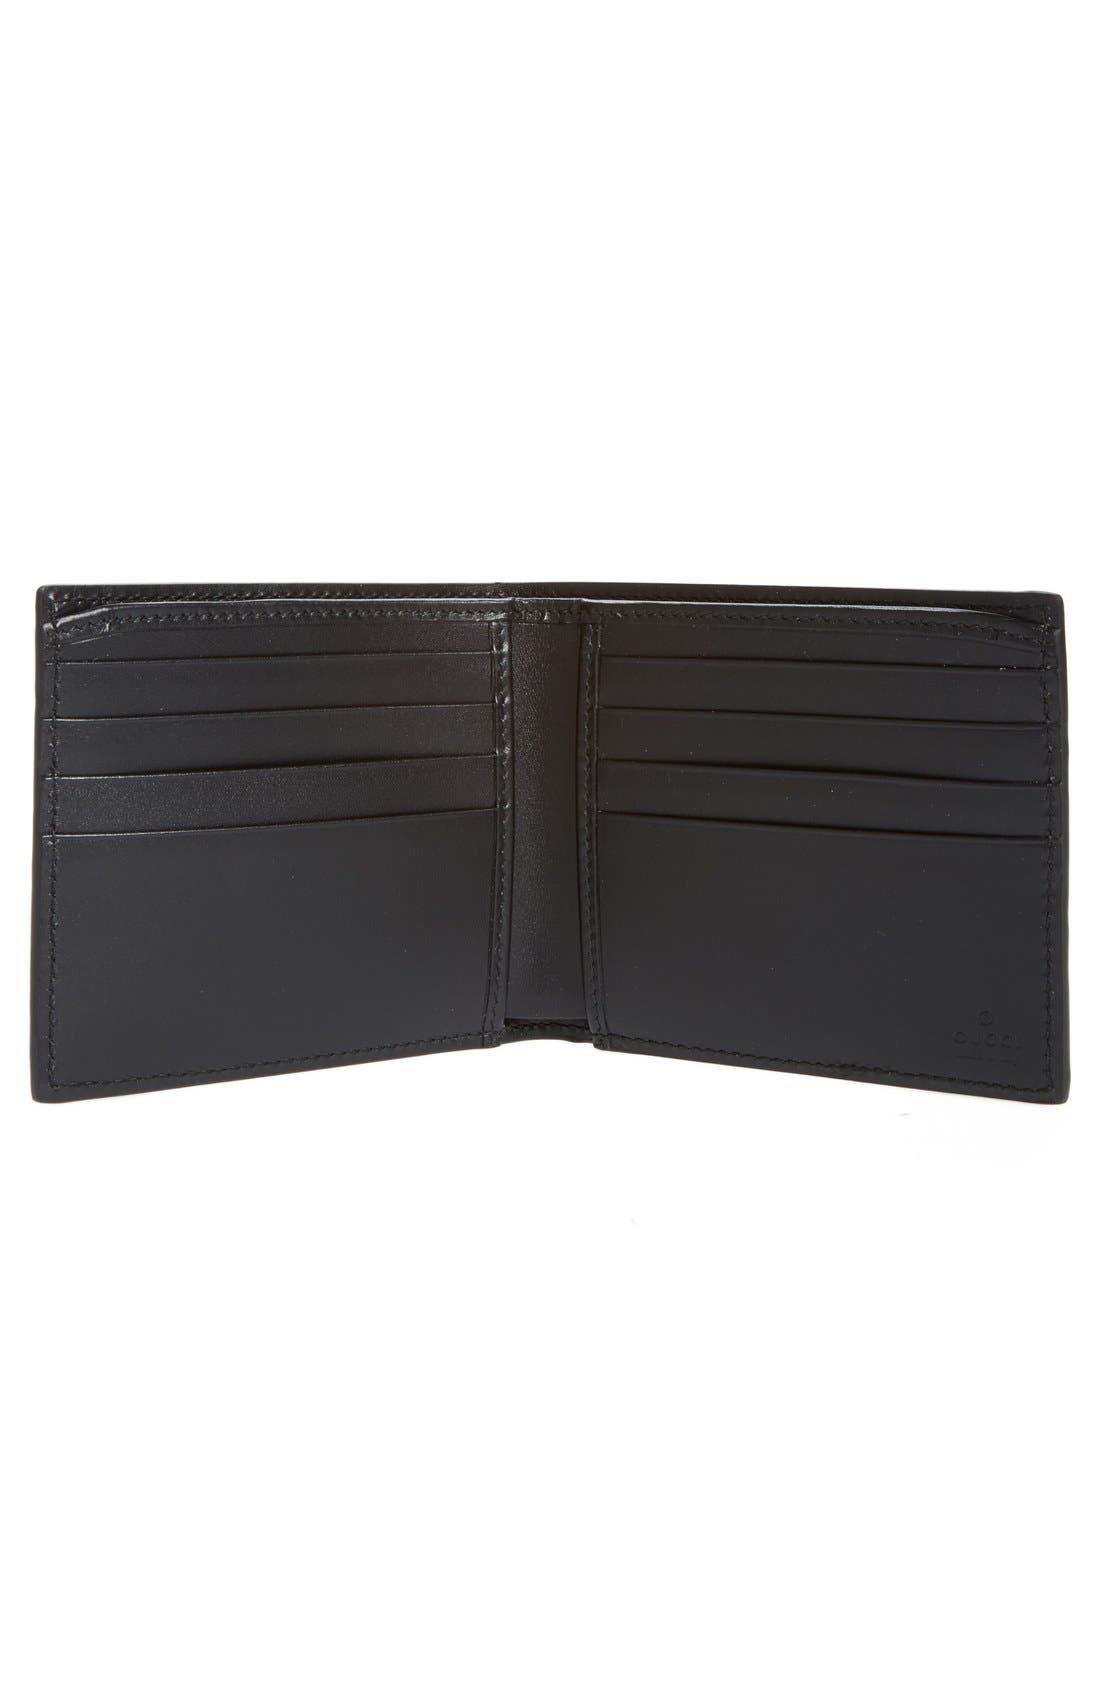 8b4971ea2663 gucci wallets   Nordstrom